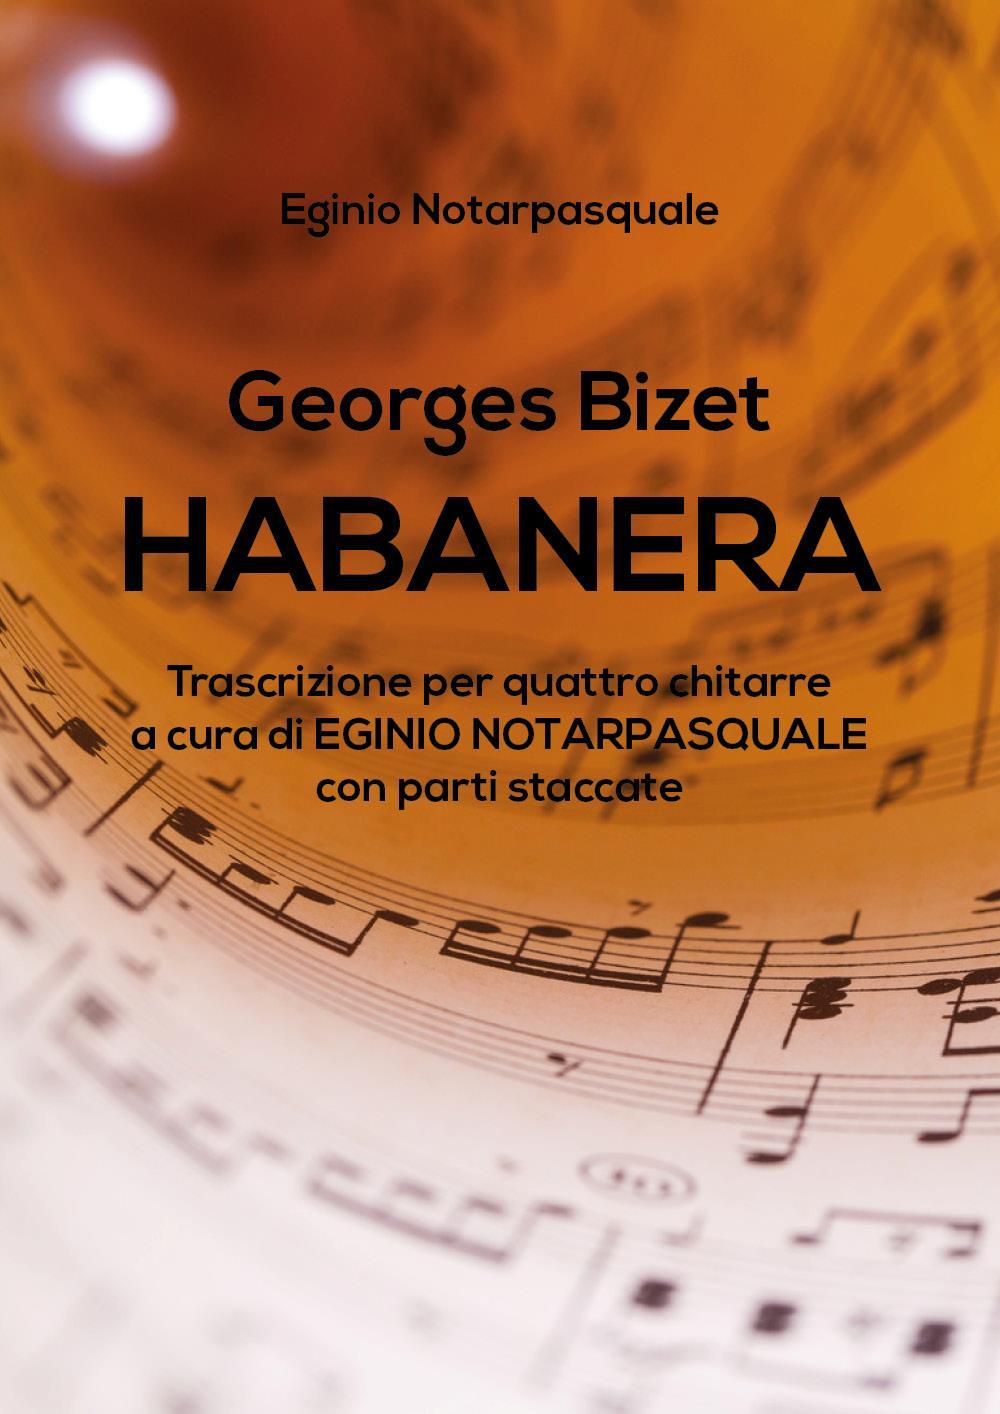 Georges Bizet HABANERA trascrizione per quattro chitarre a cura di EGINIO NOTARPASQUALE con parti staccate